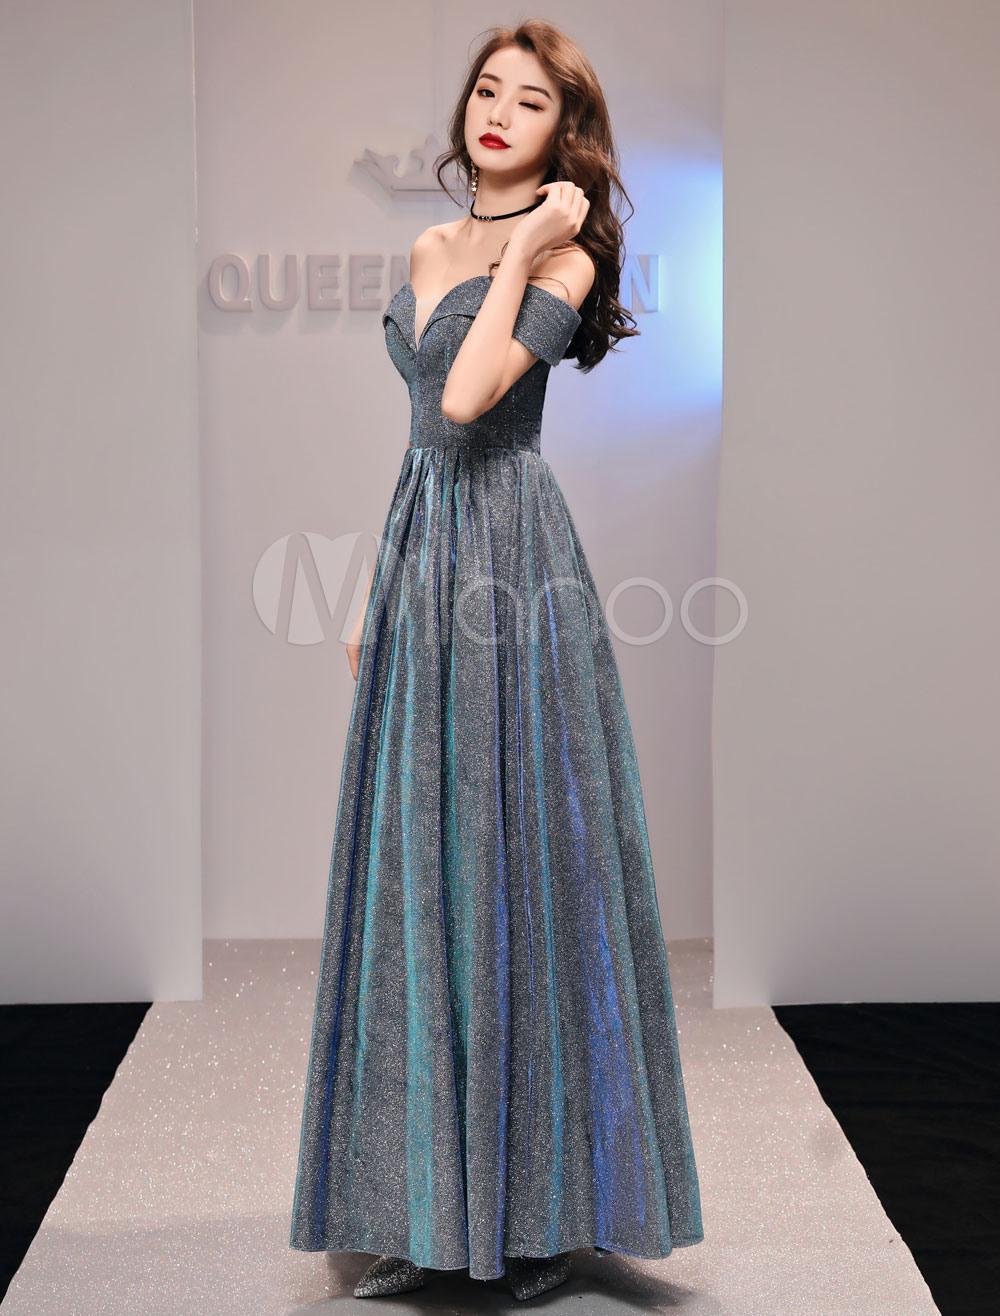 17 Cool Abendkleid Maxi Spezialgebiet20 Schön Abendkleid Maxi Bester Preis